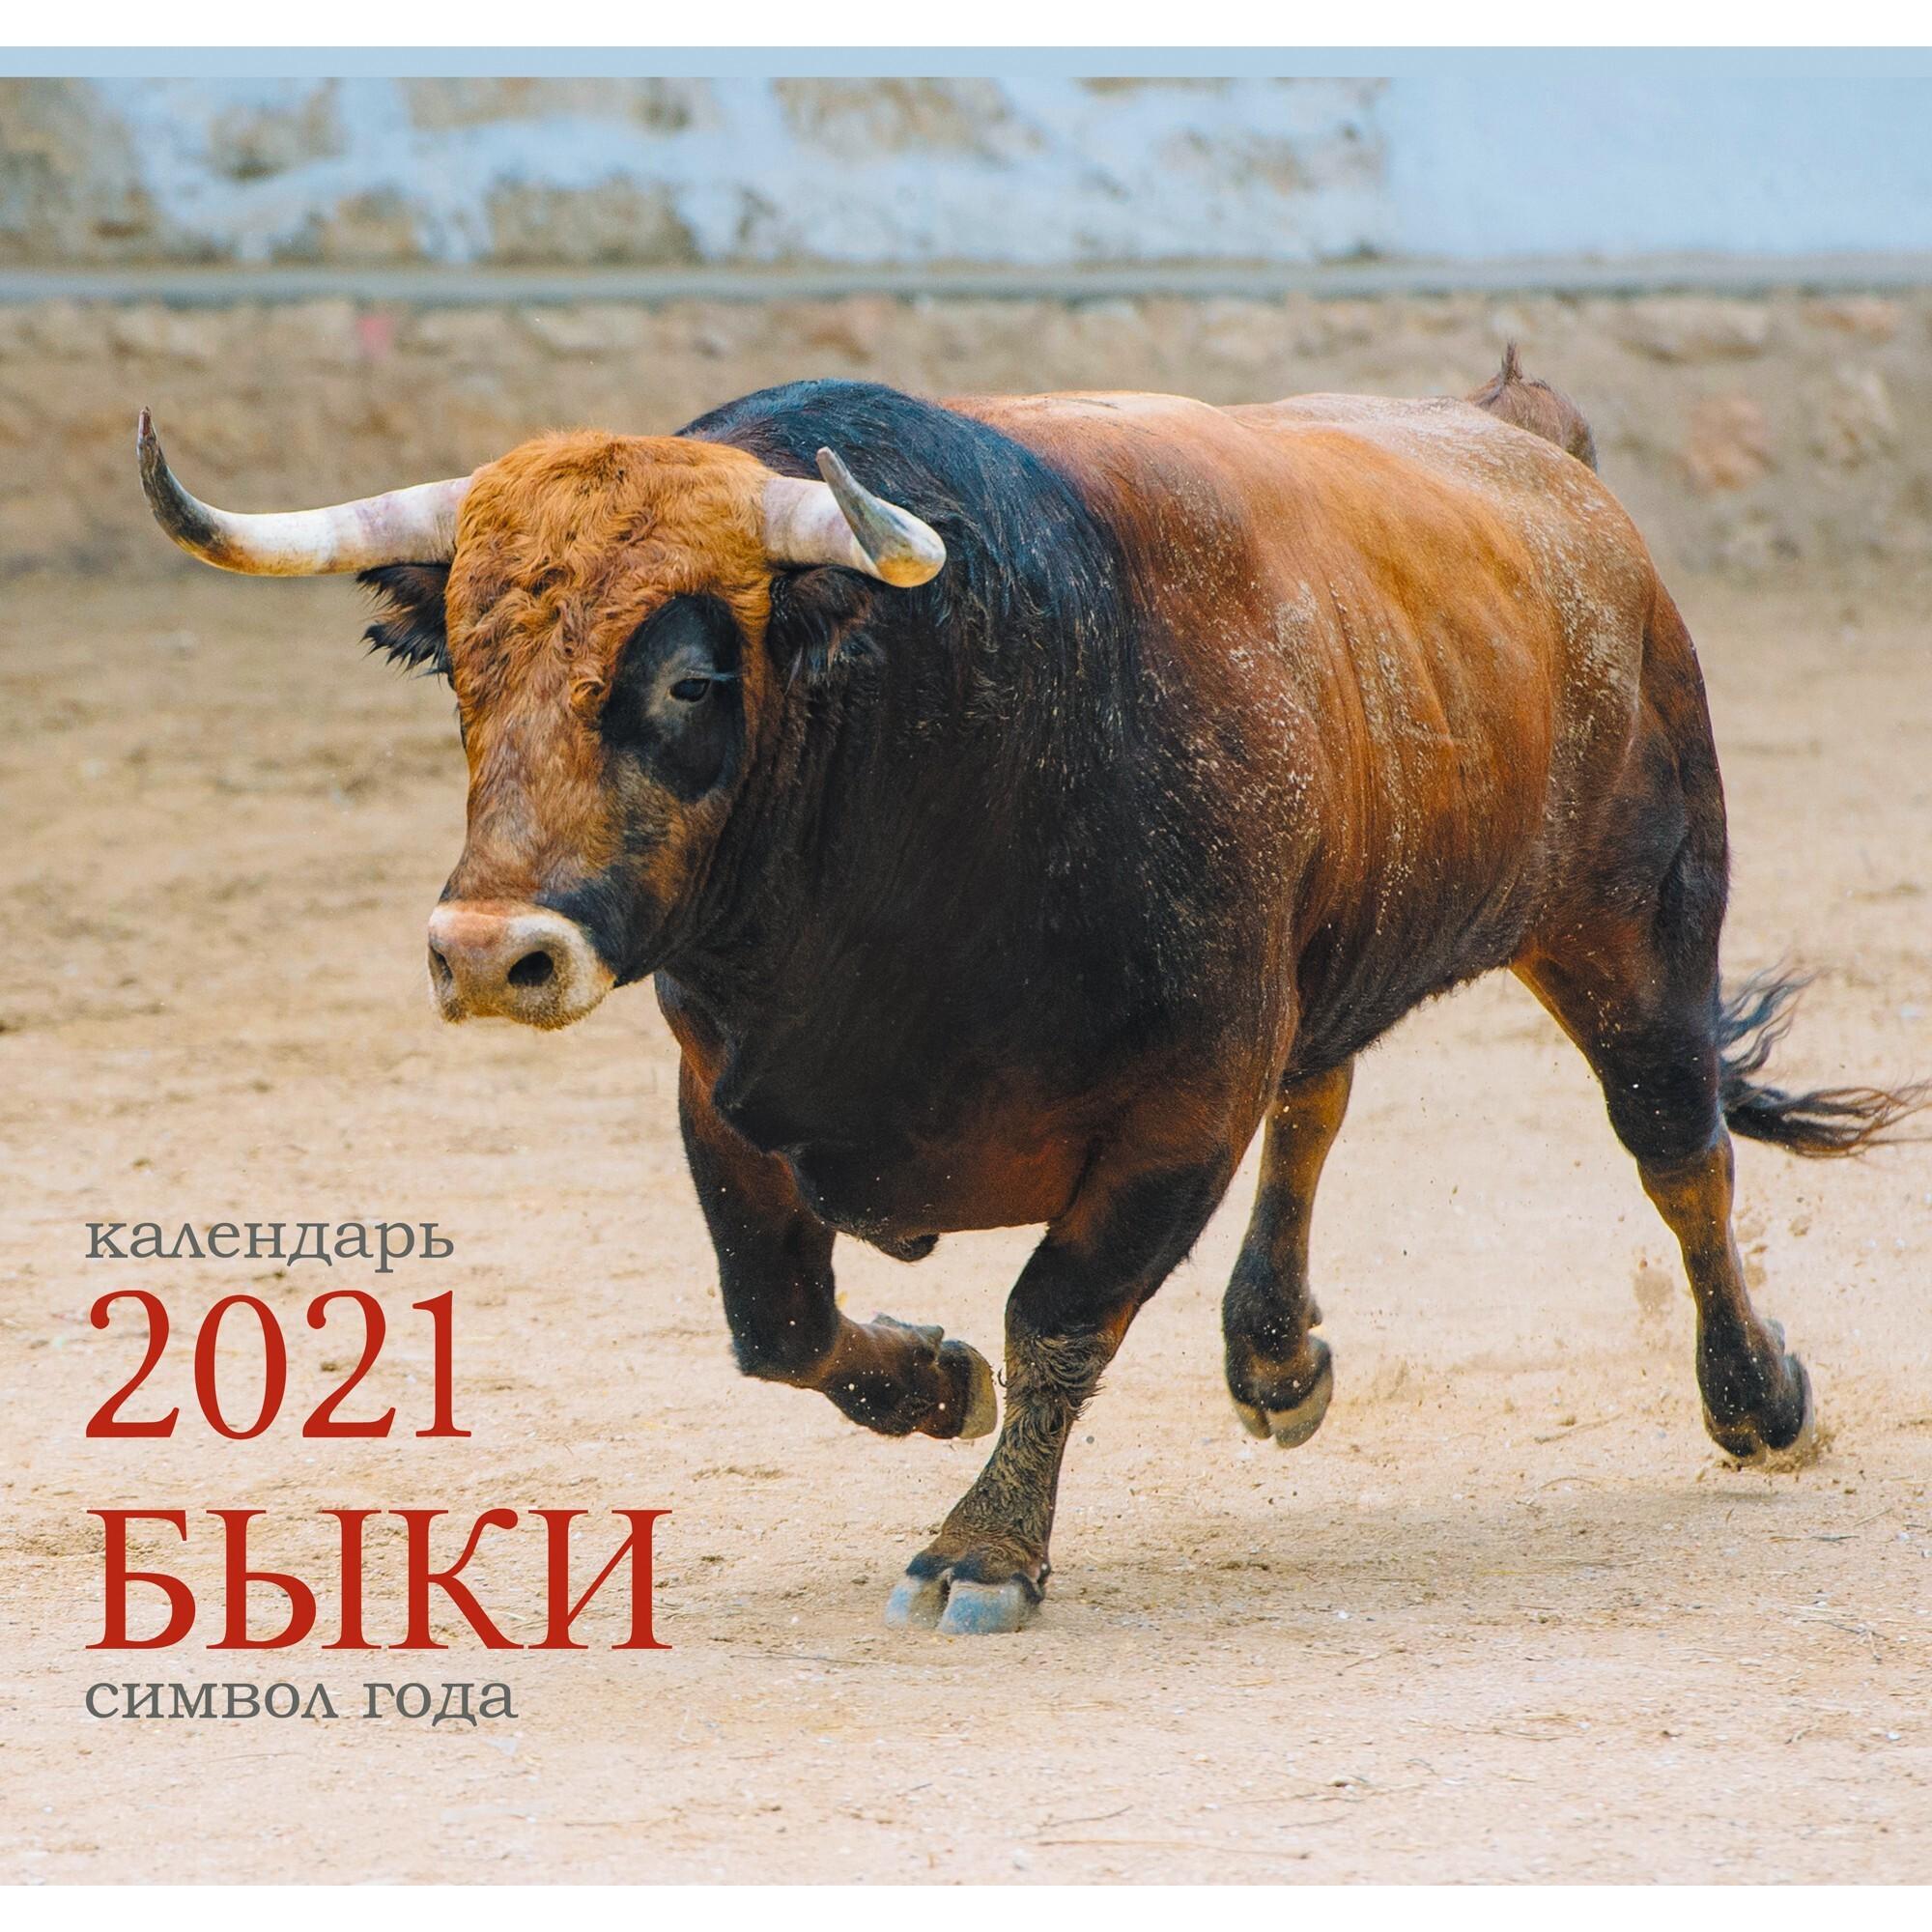 Календарь одноблочный Символ года (дизайн 2) на 2021 год.